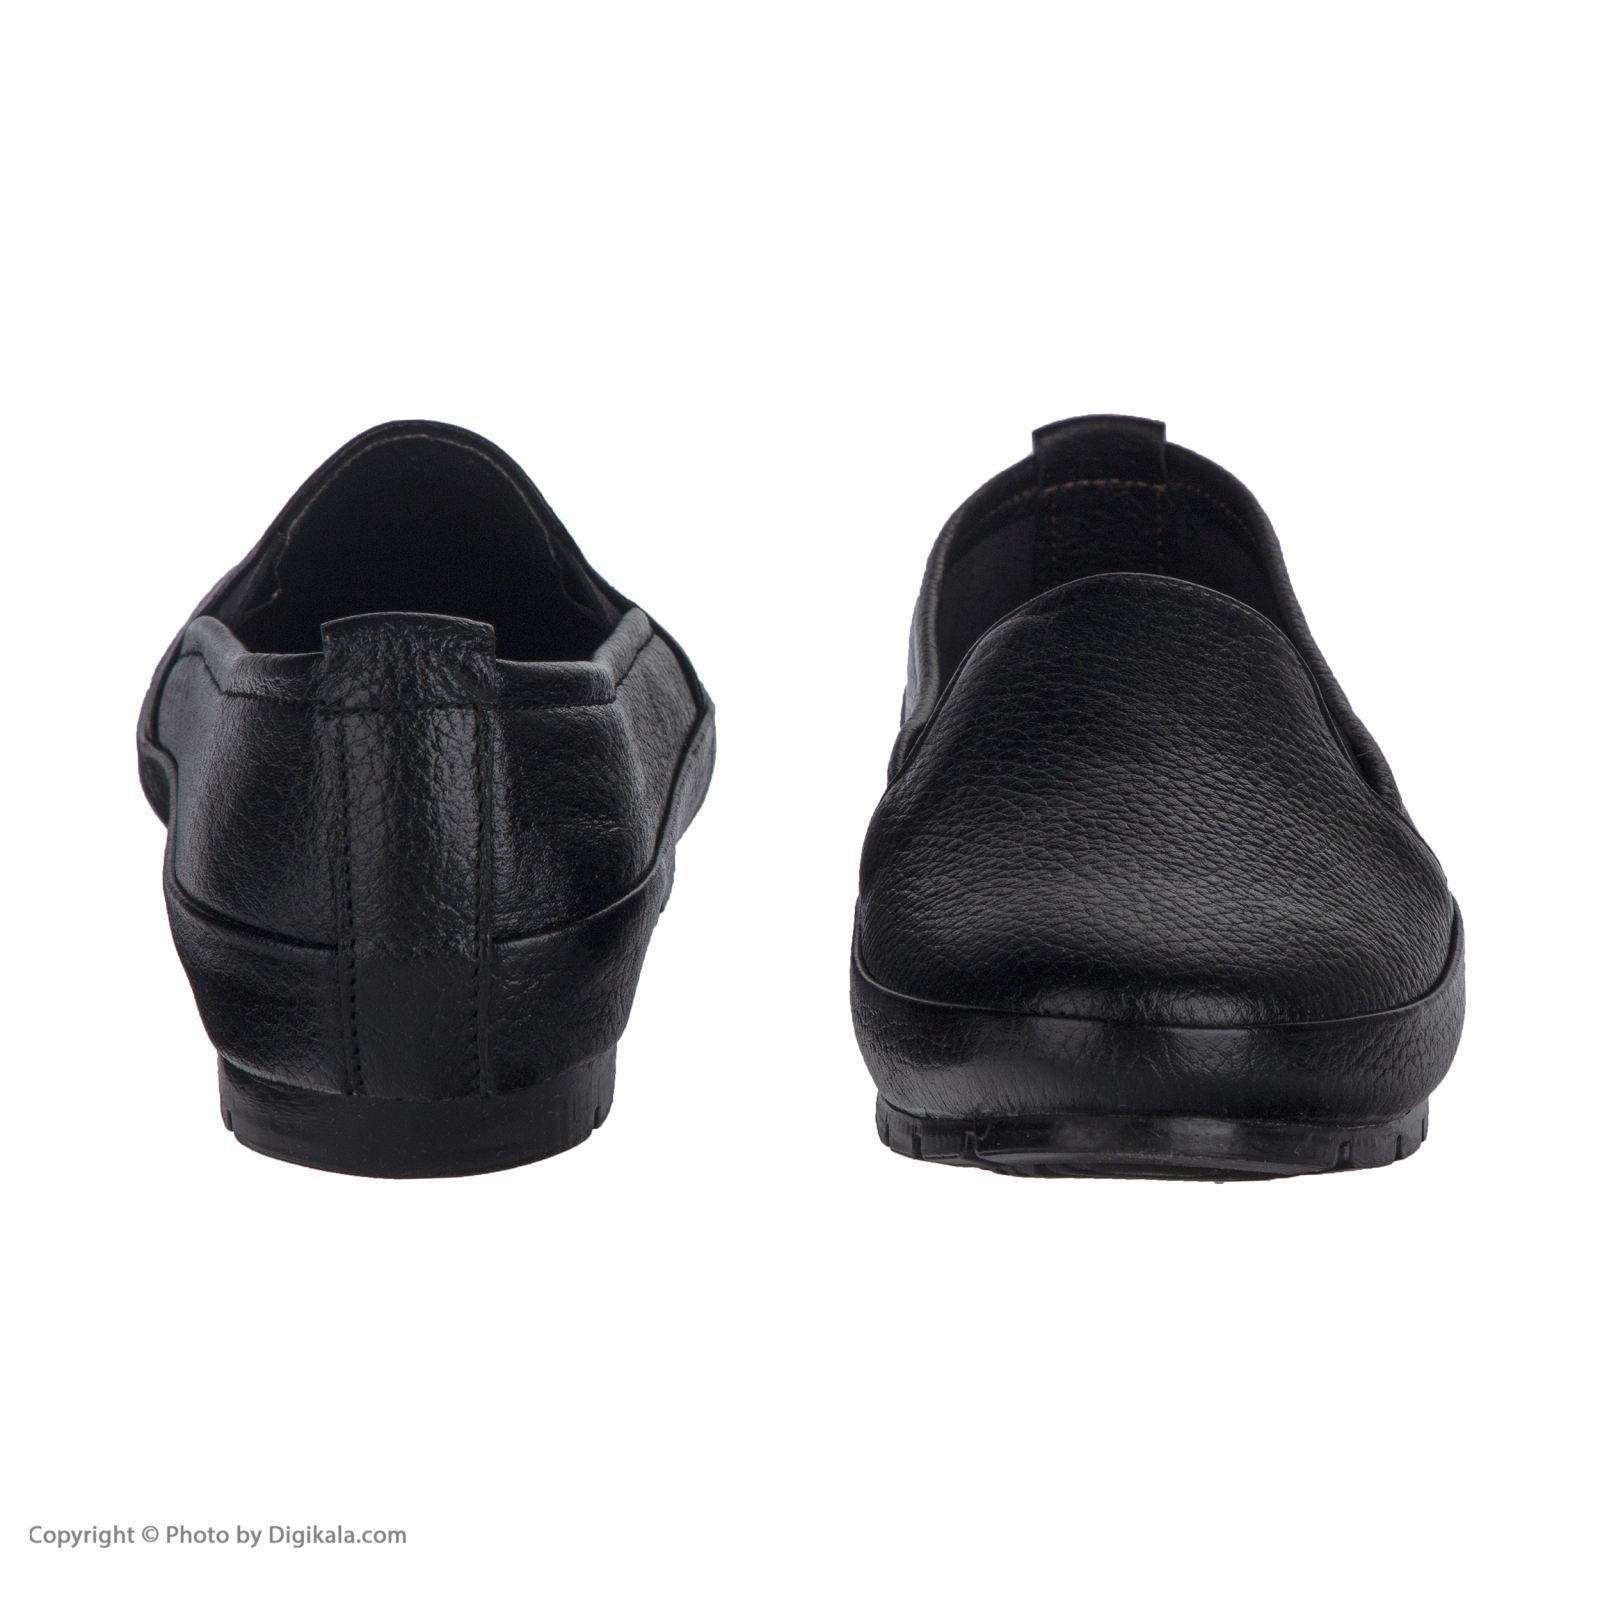 کفش روزمره زنانه بلوط مدل 5313A500101 -  - 5